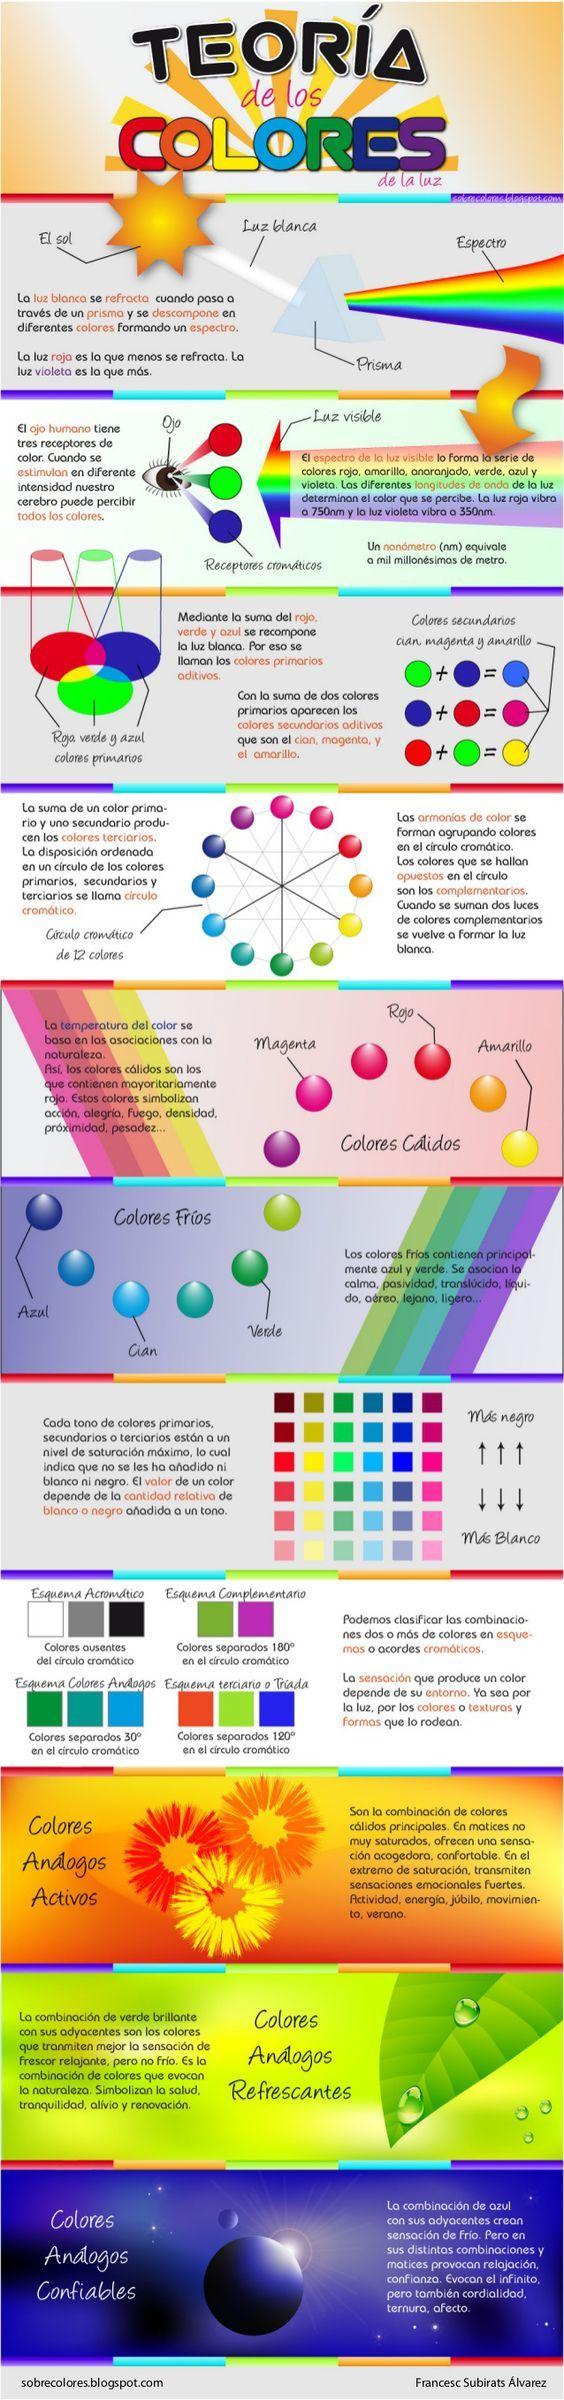 Teoría de los colores de la luz #infografia: